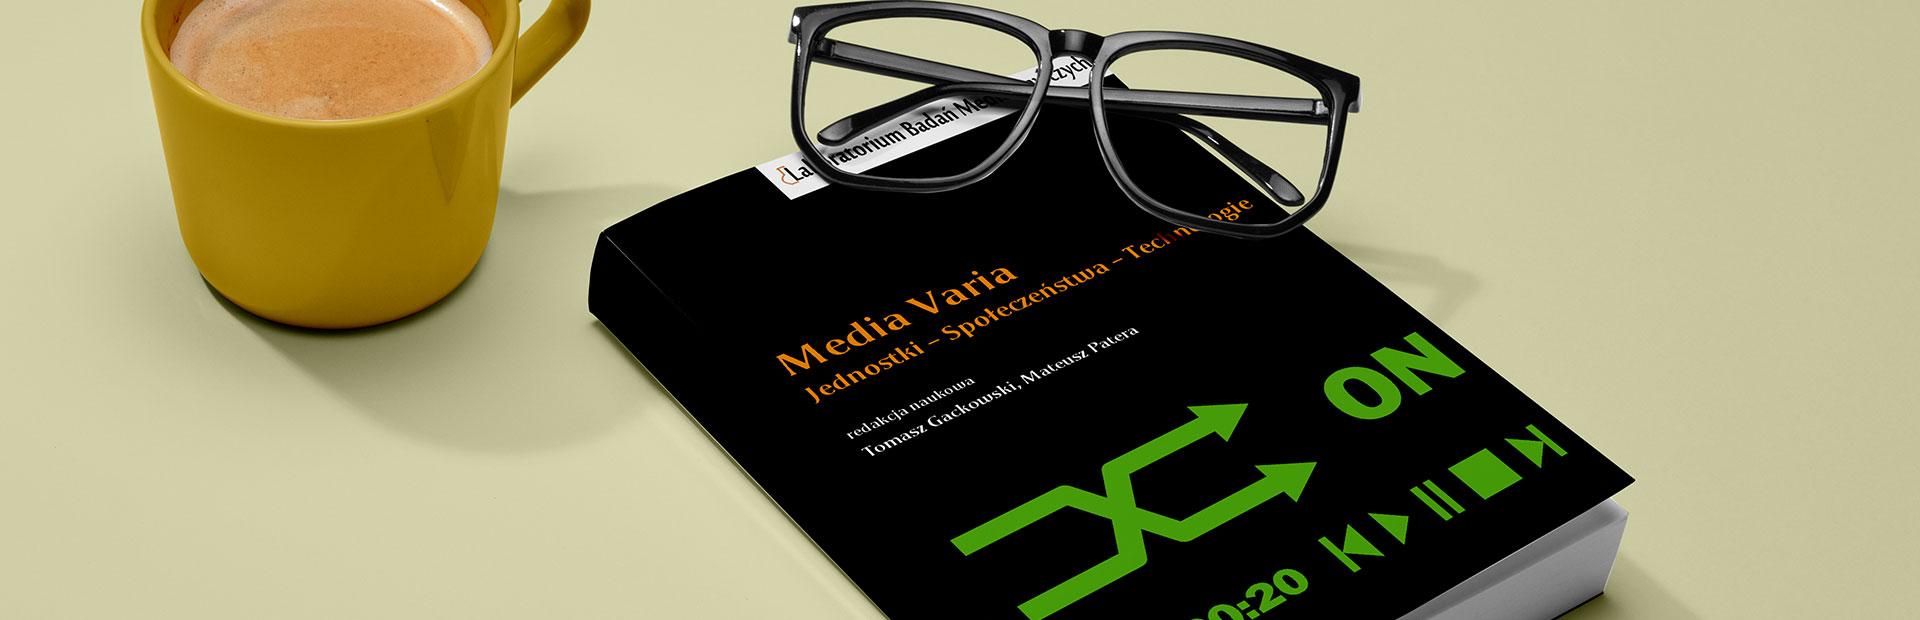 media-varia-lbm-banner